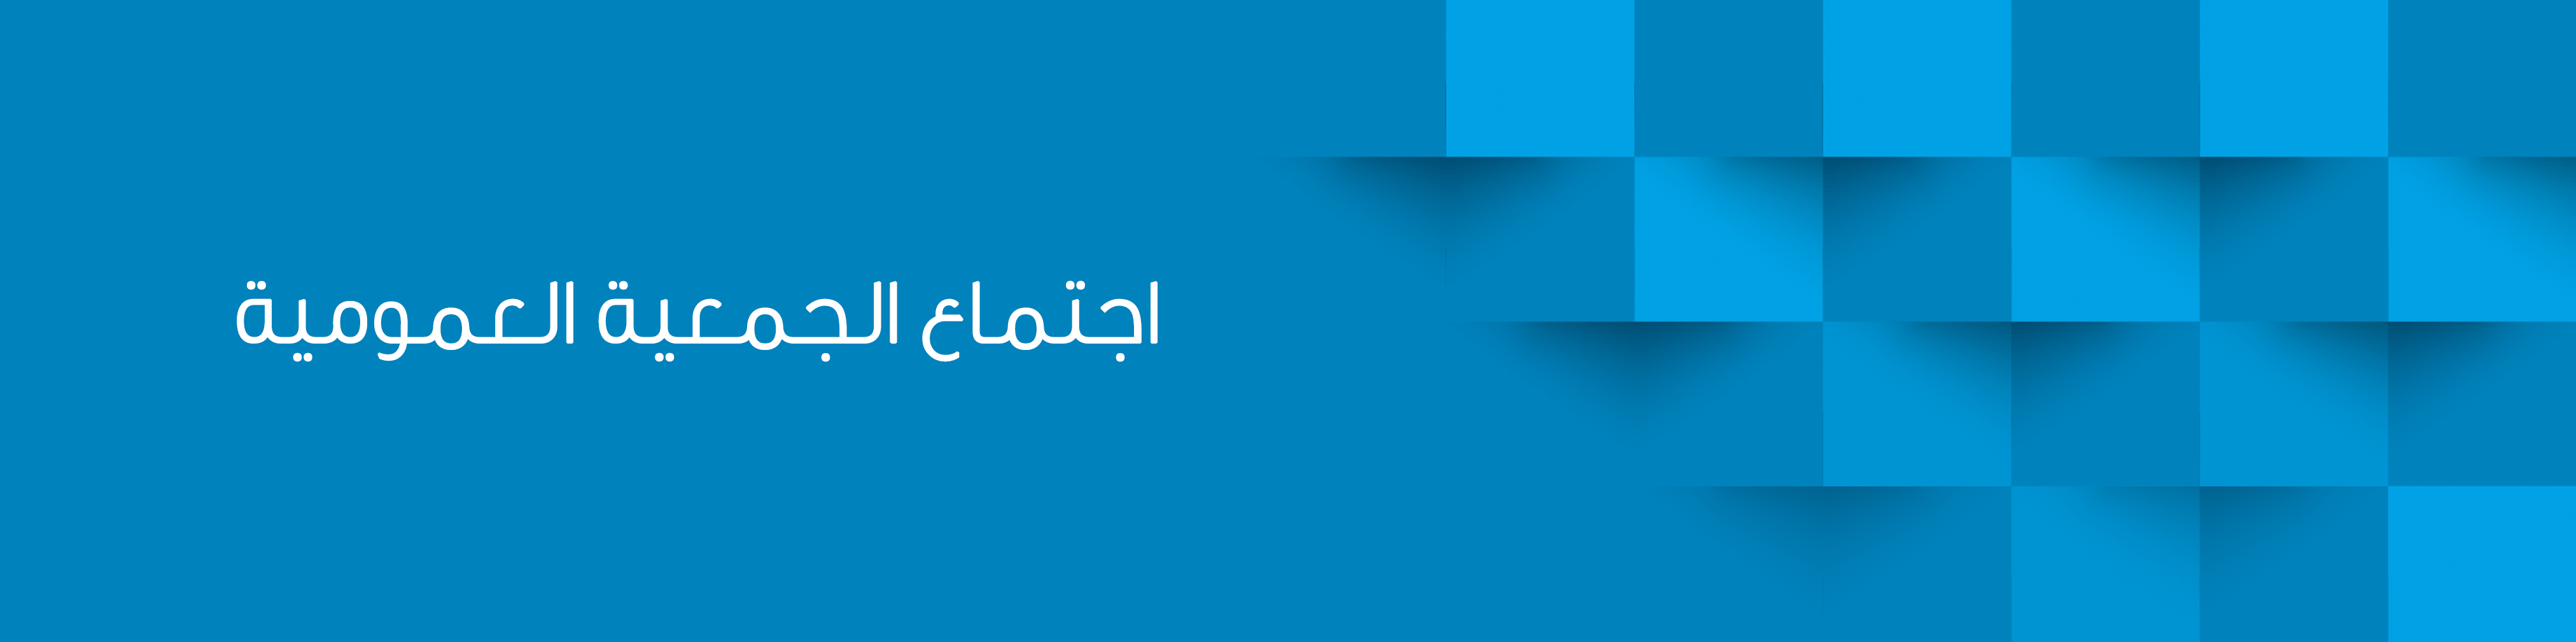 اجتماع الجمعية العمومية - الجمعية السعودية لعلوم الحياة